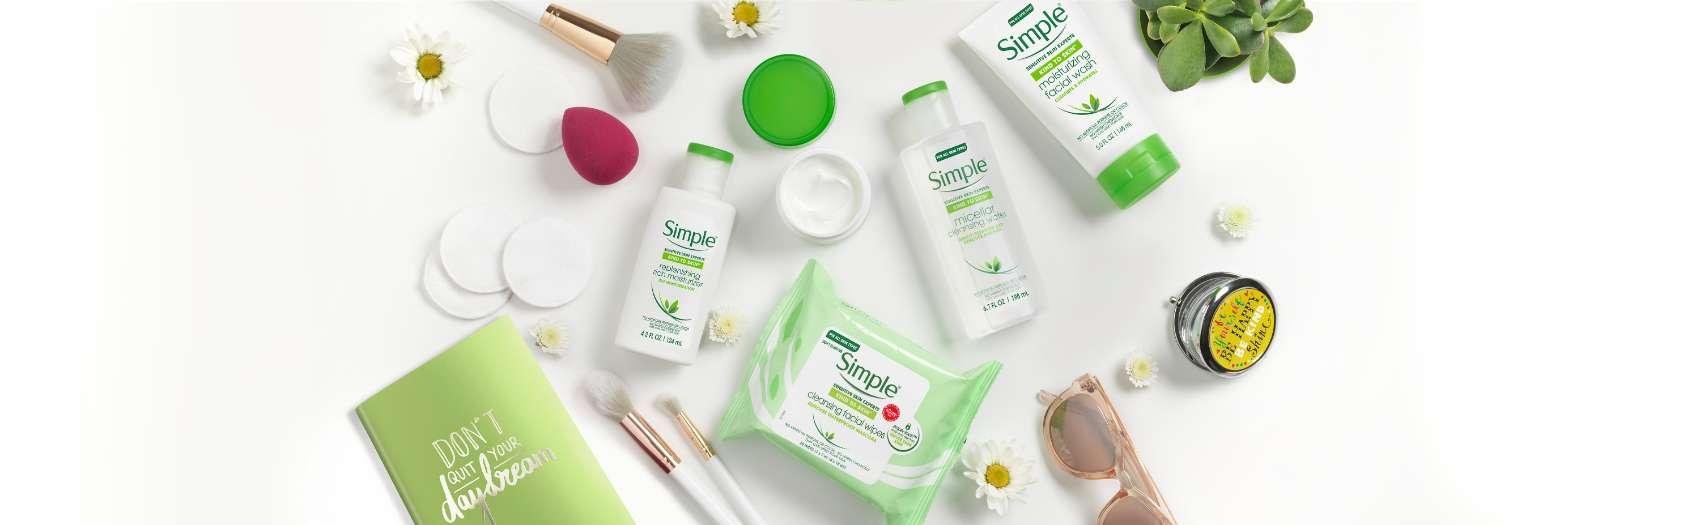 كيف ترطبين بشرتكِ   Simple® Skincare أرابيا